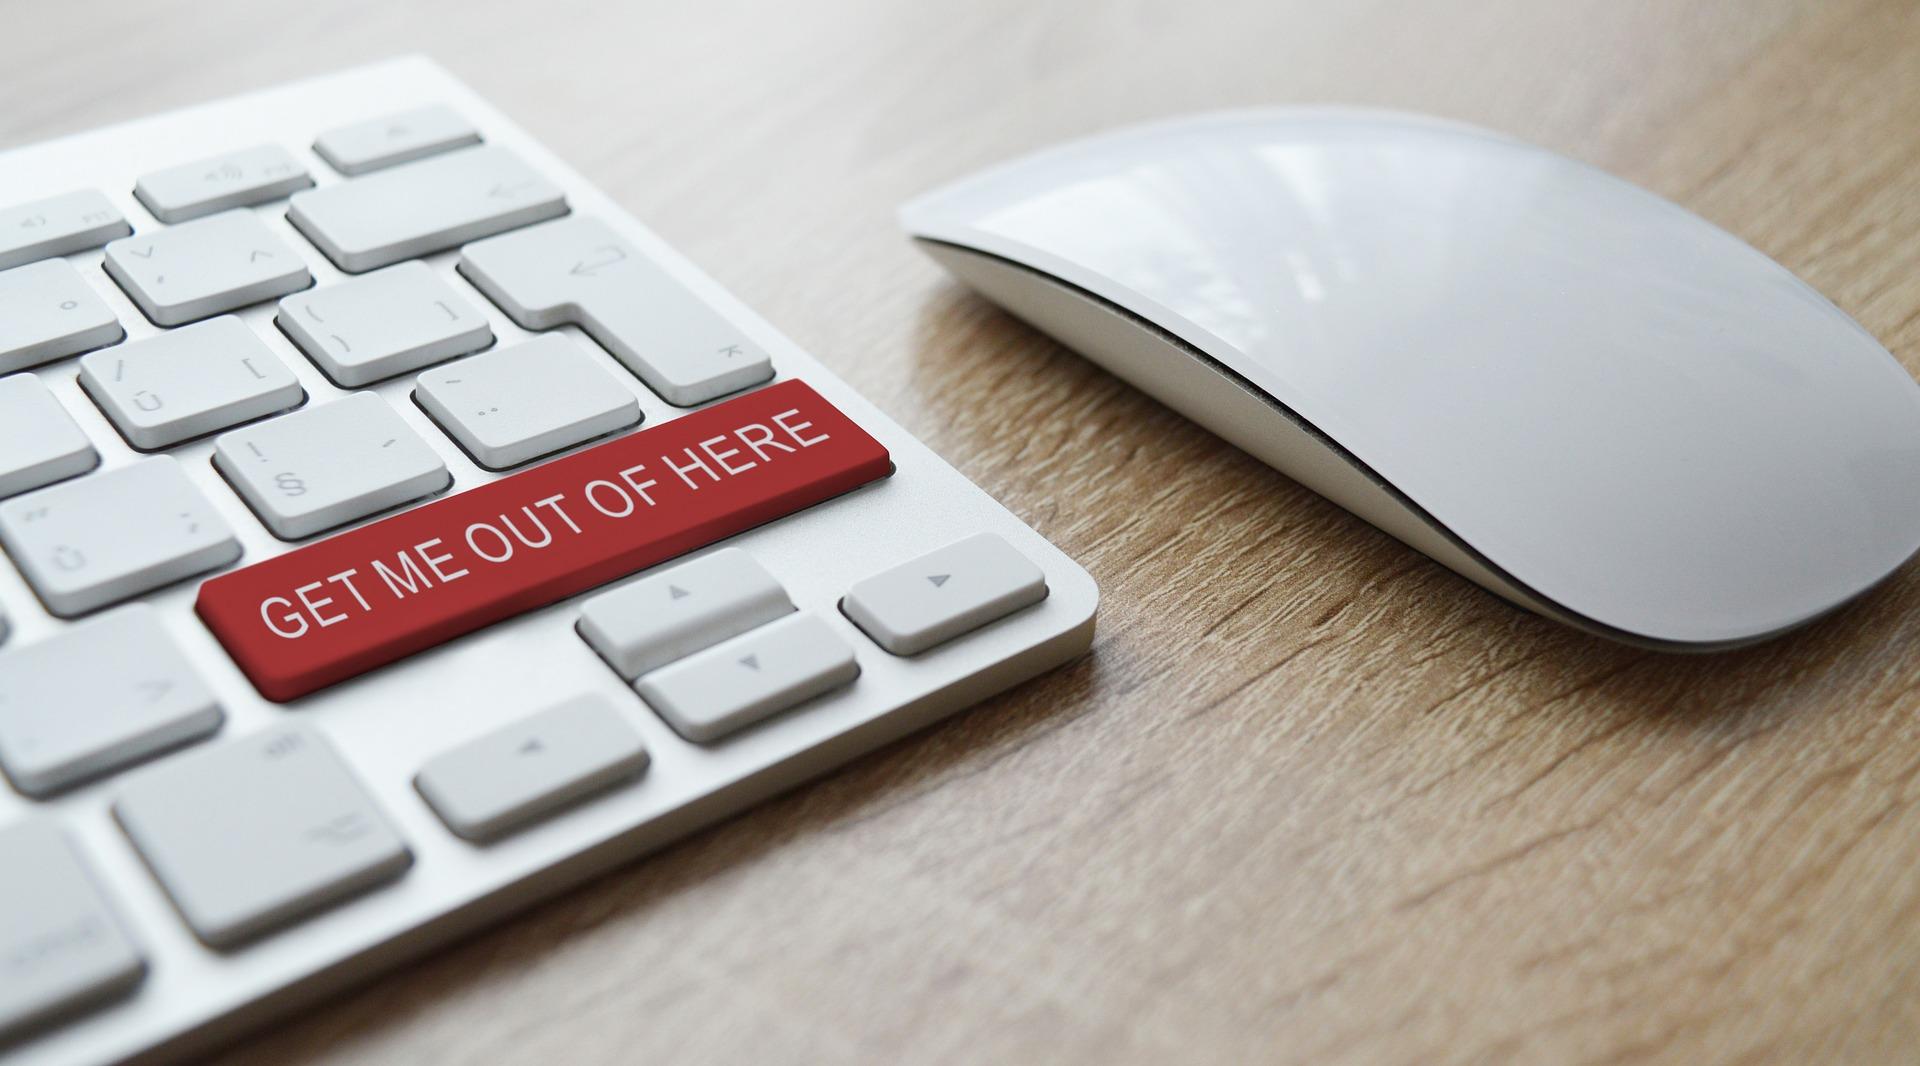 Apple Macbook Pro Scam with Link to 3op0j